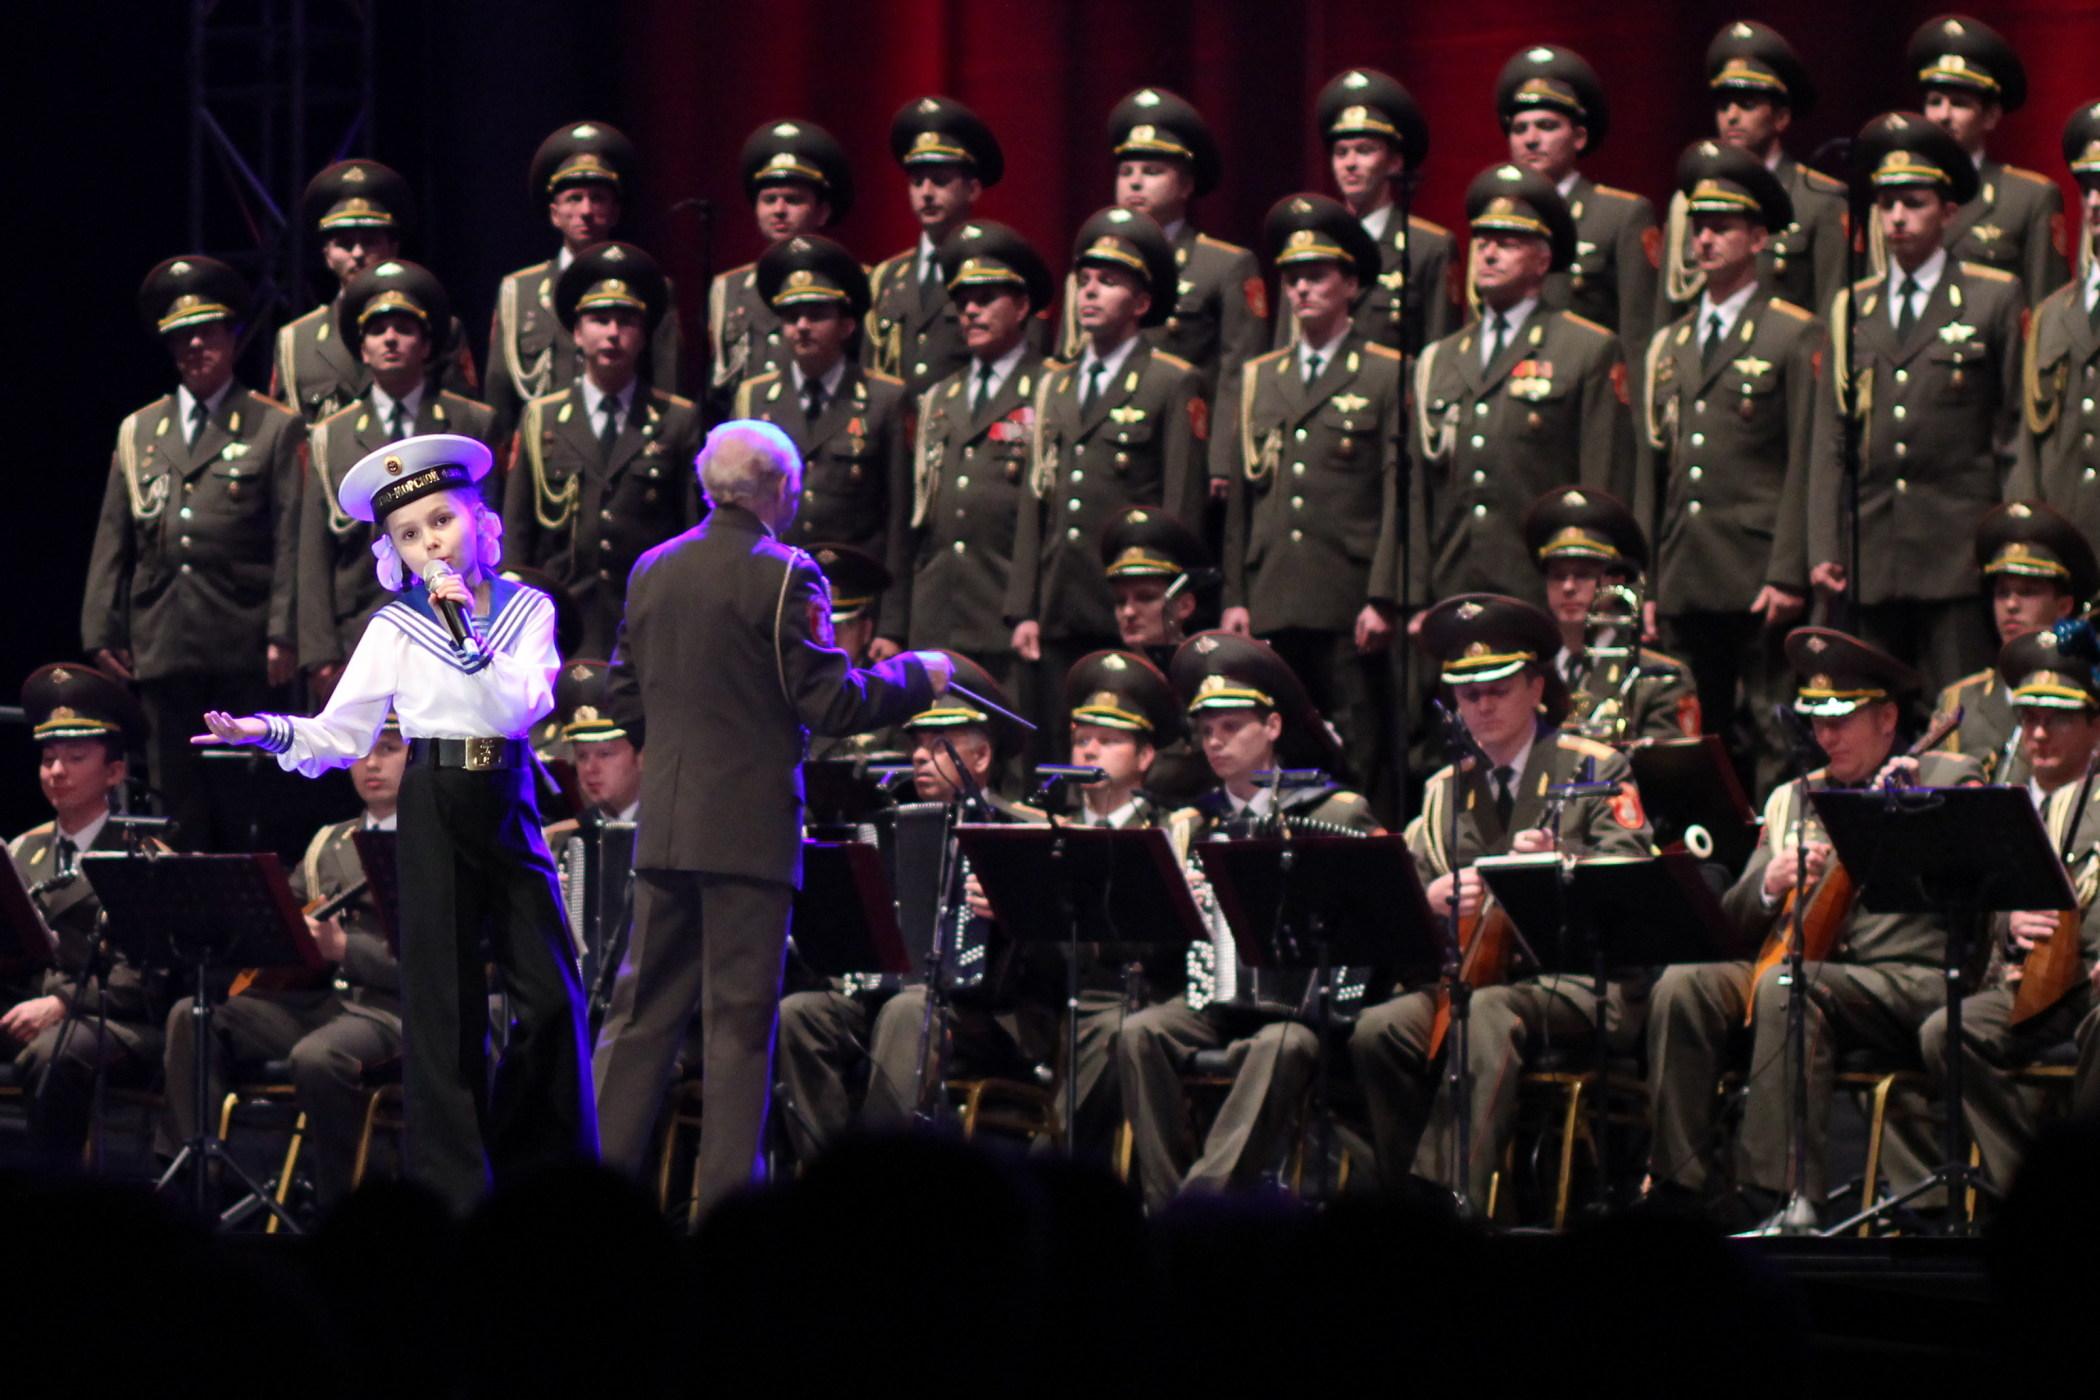 alexandrovci-2012-zvolen-10